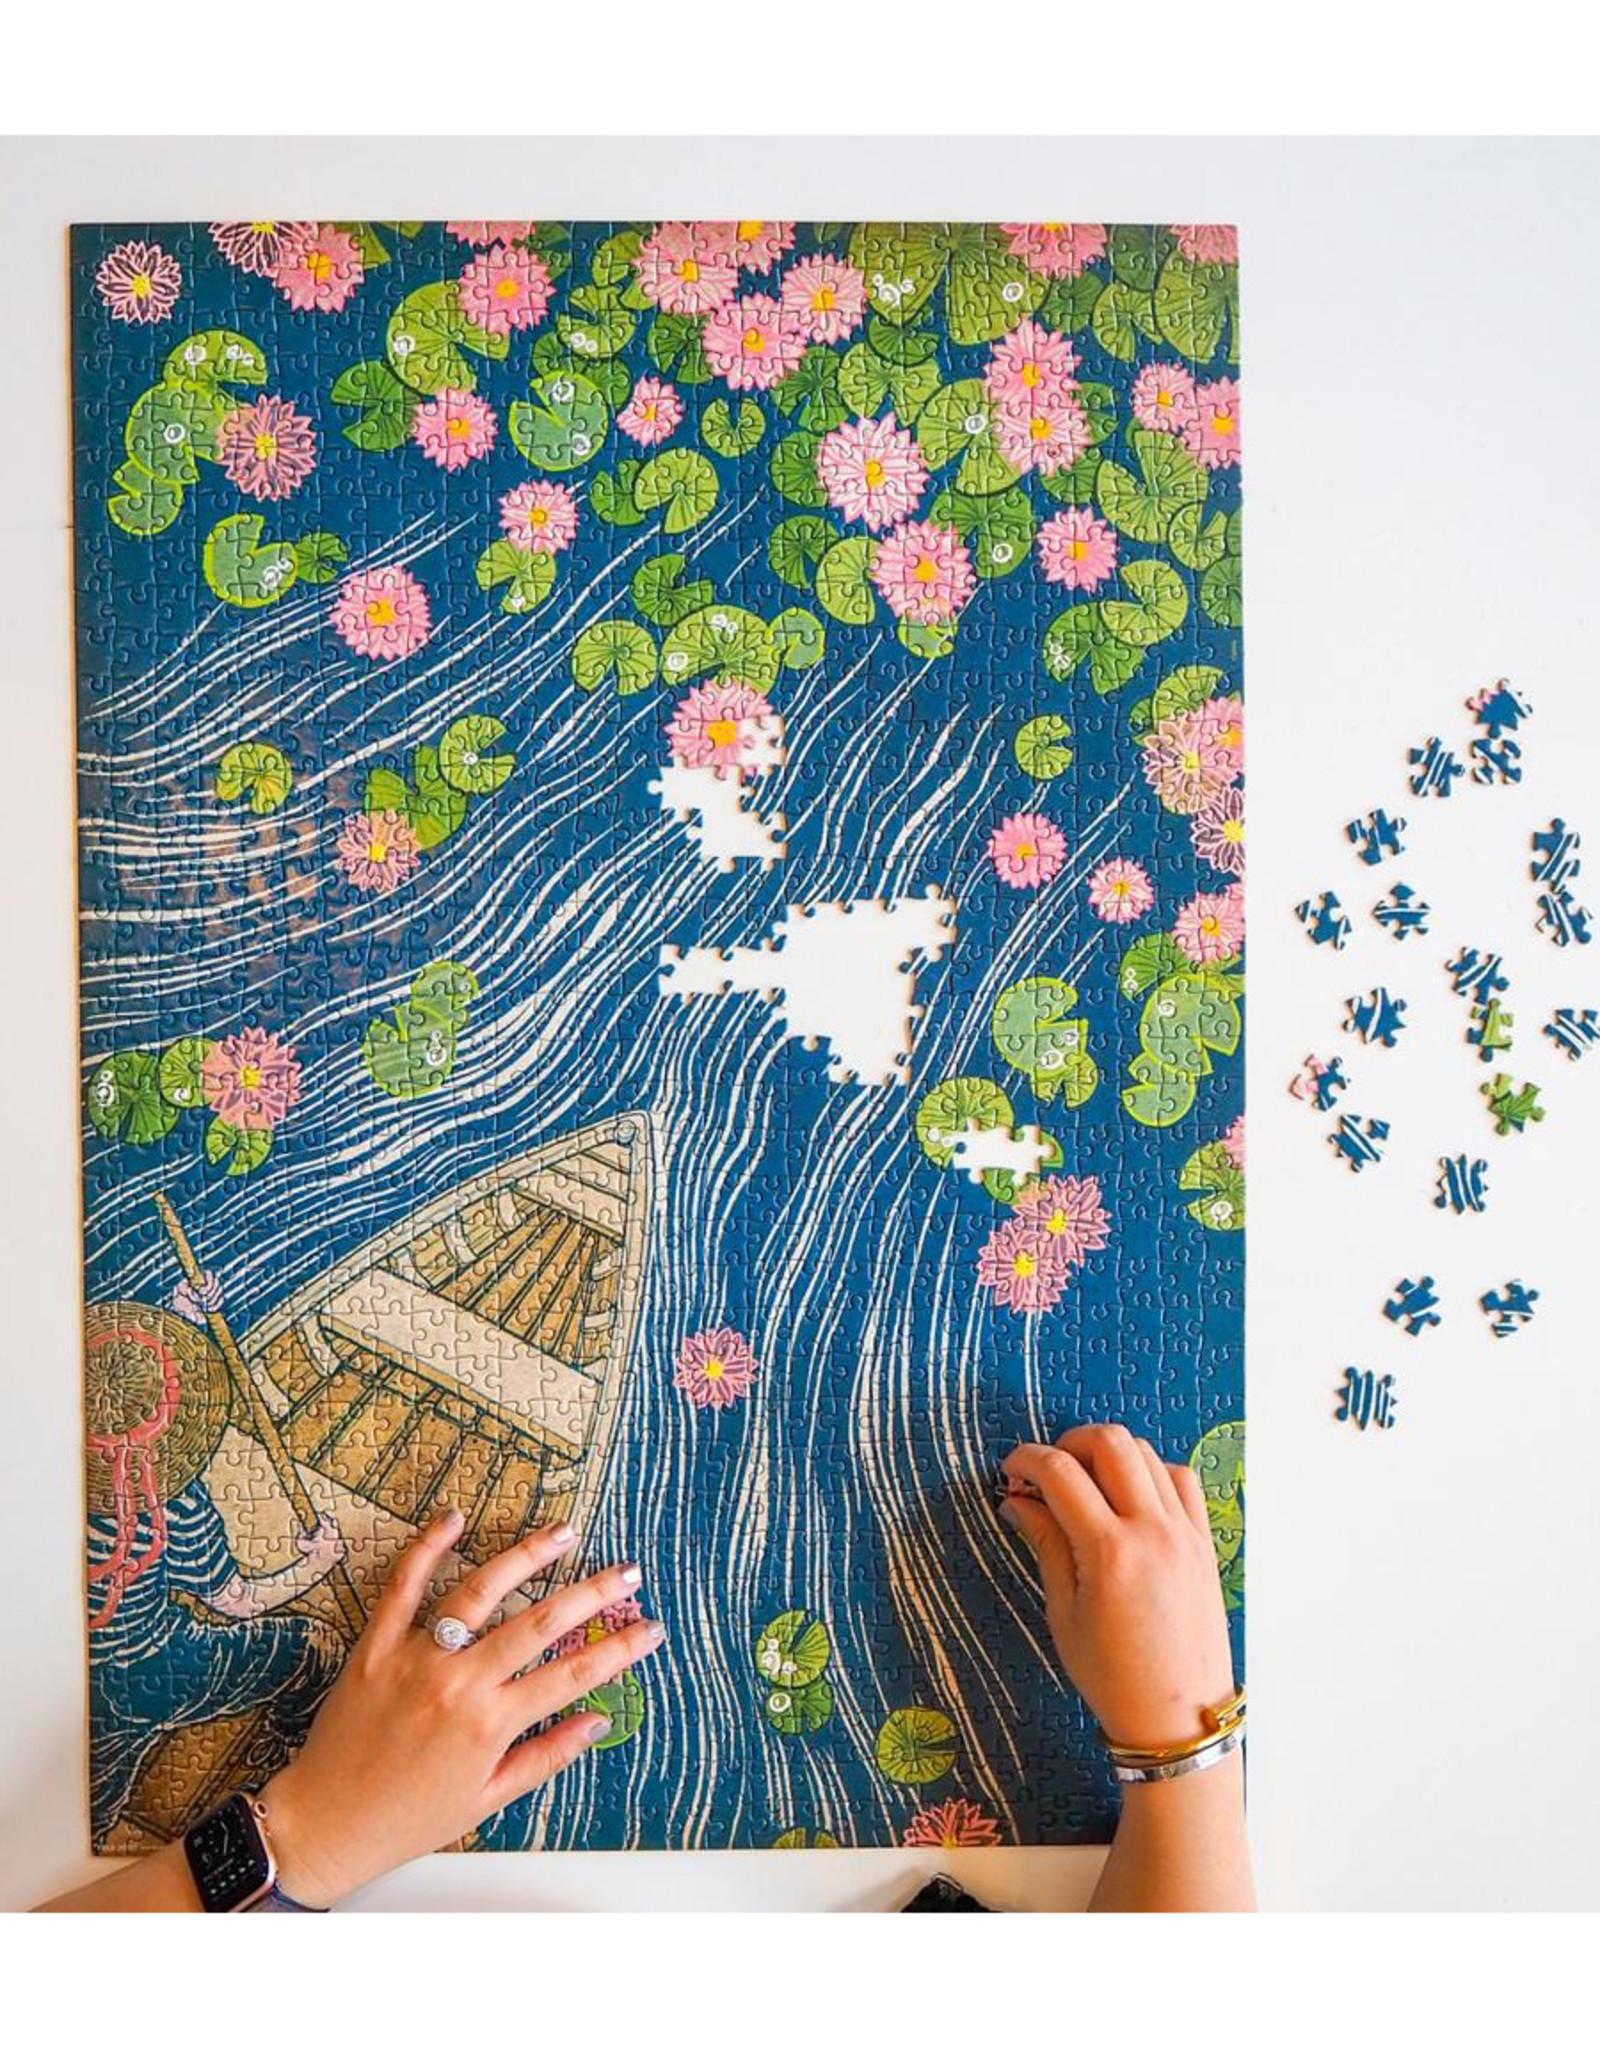 Lilypads Puzzle - 1000 Pieces